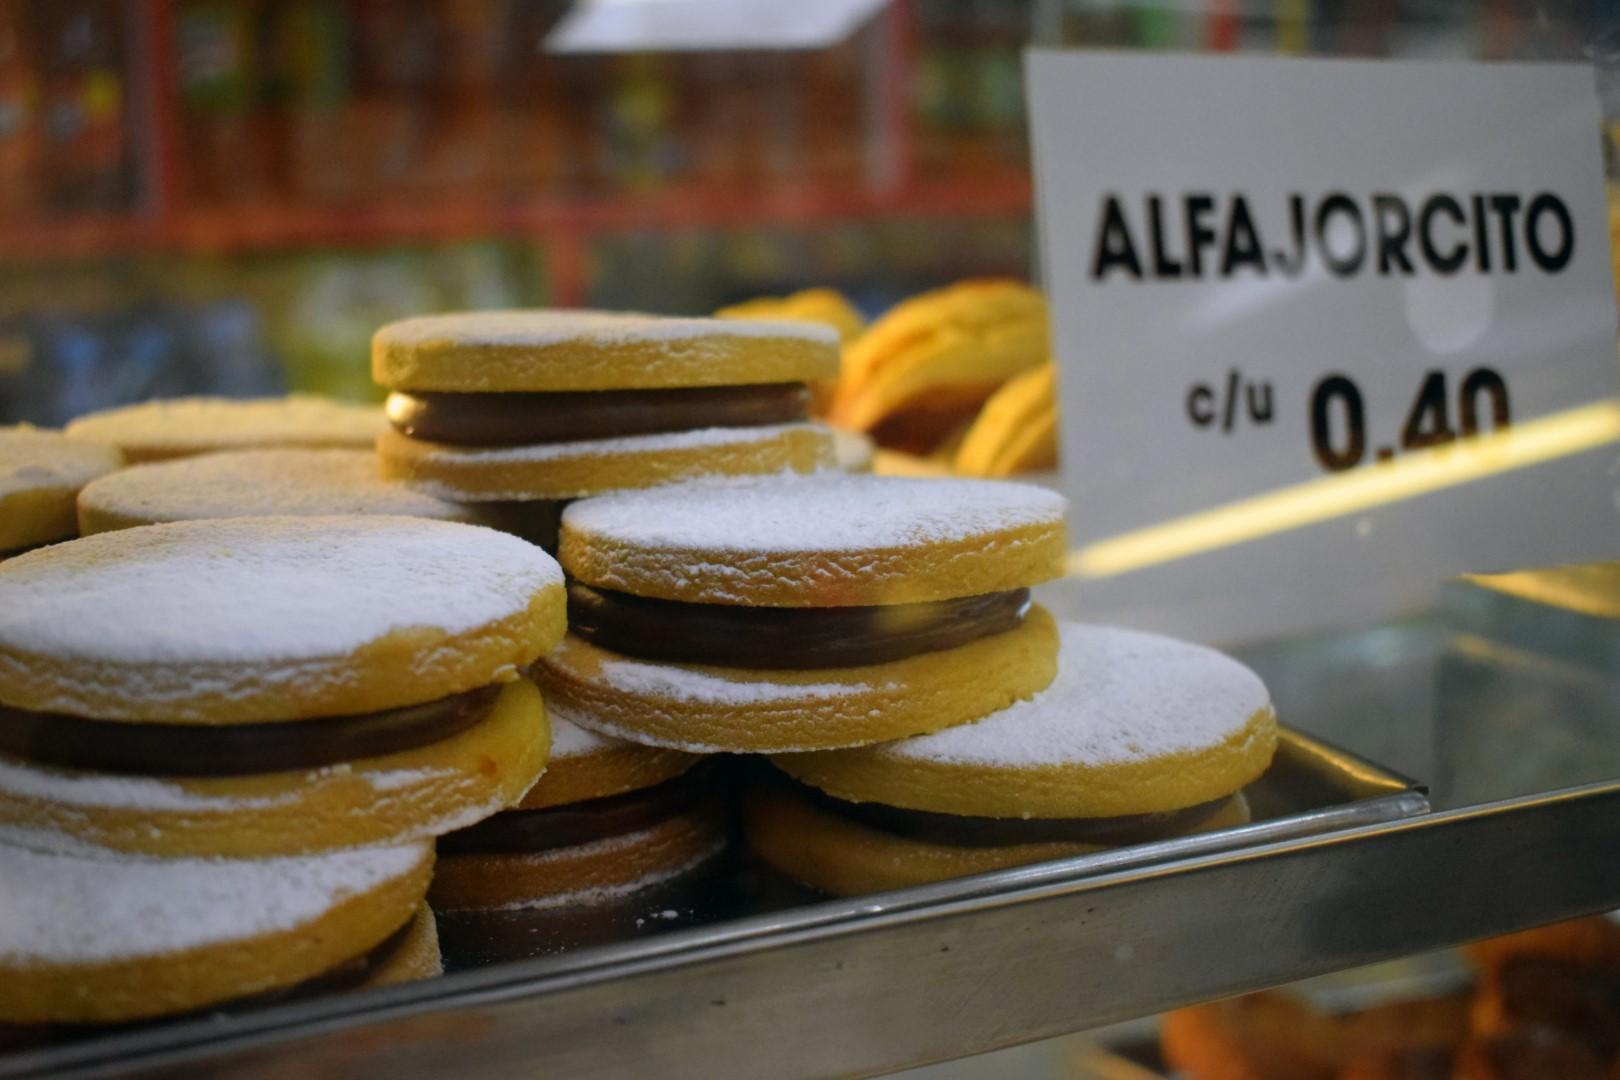 Panadería near Estación Ricardo Palma, Avenida Ricardo Palma, Miraflores